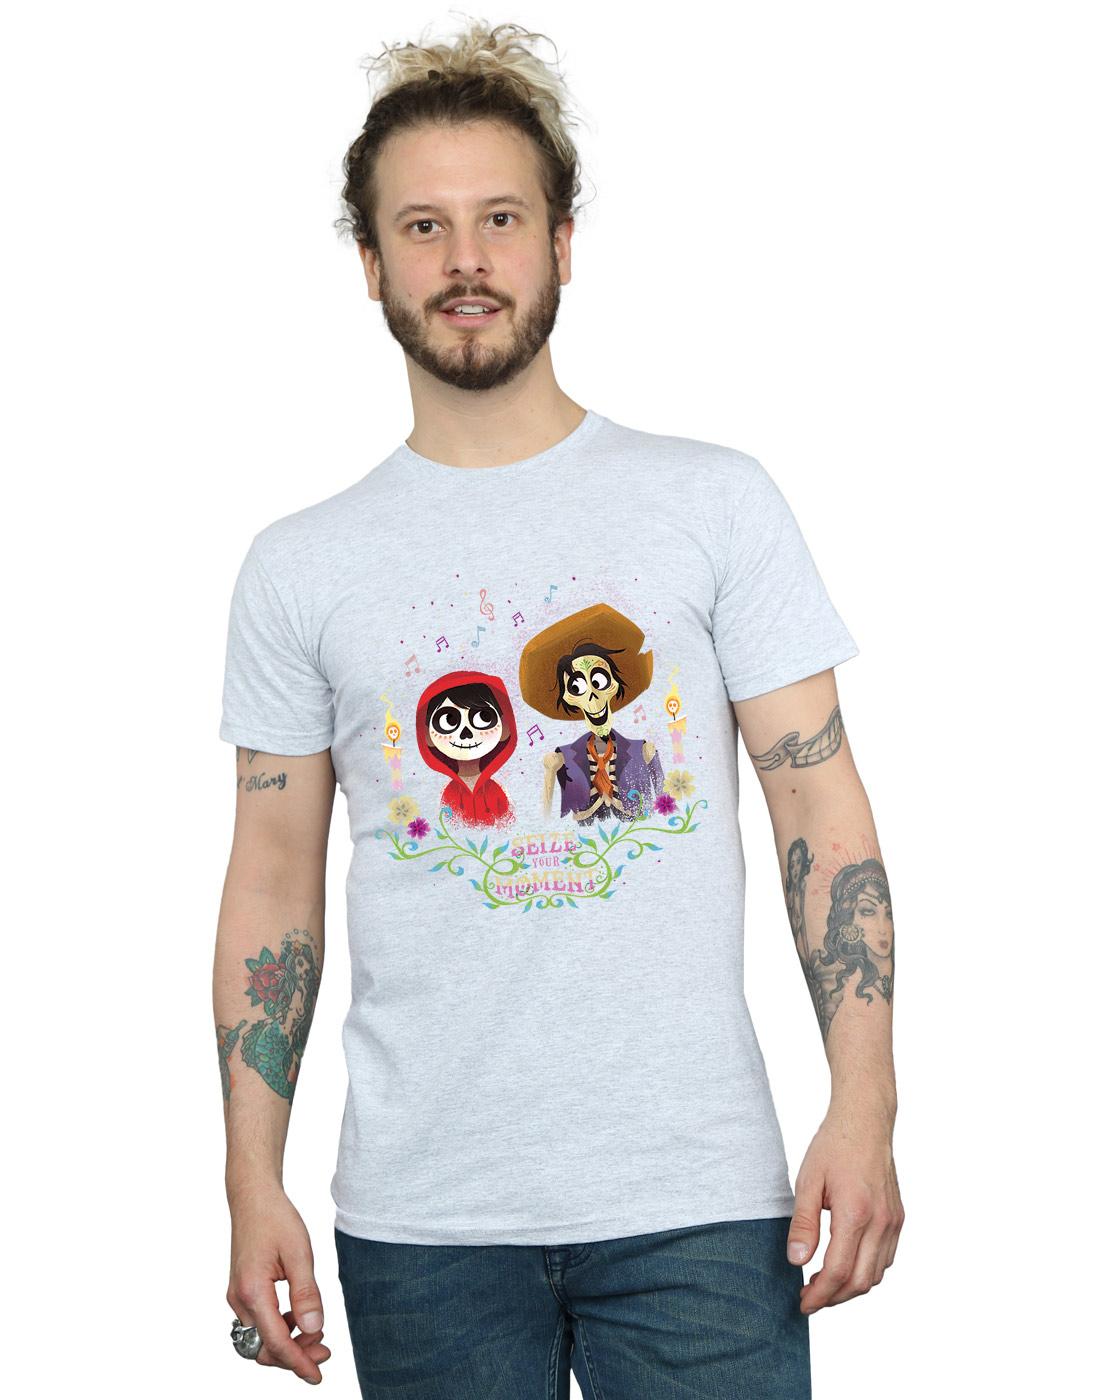 Disney Hombre Coco Miguel and Hector Camiseta V88dzOCK